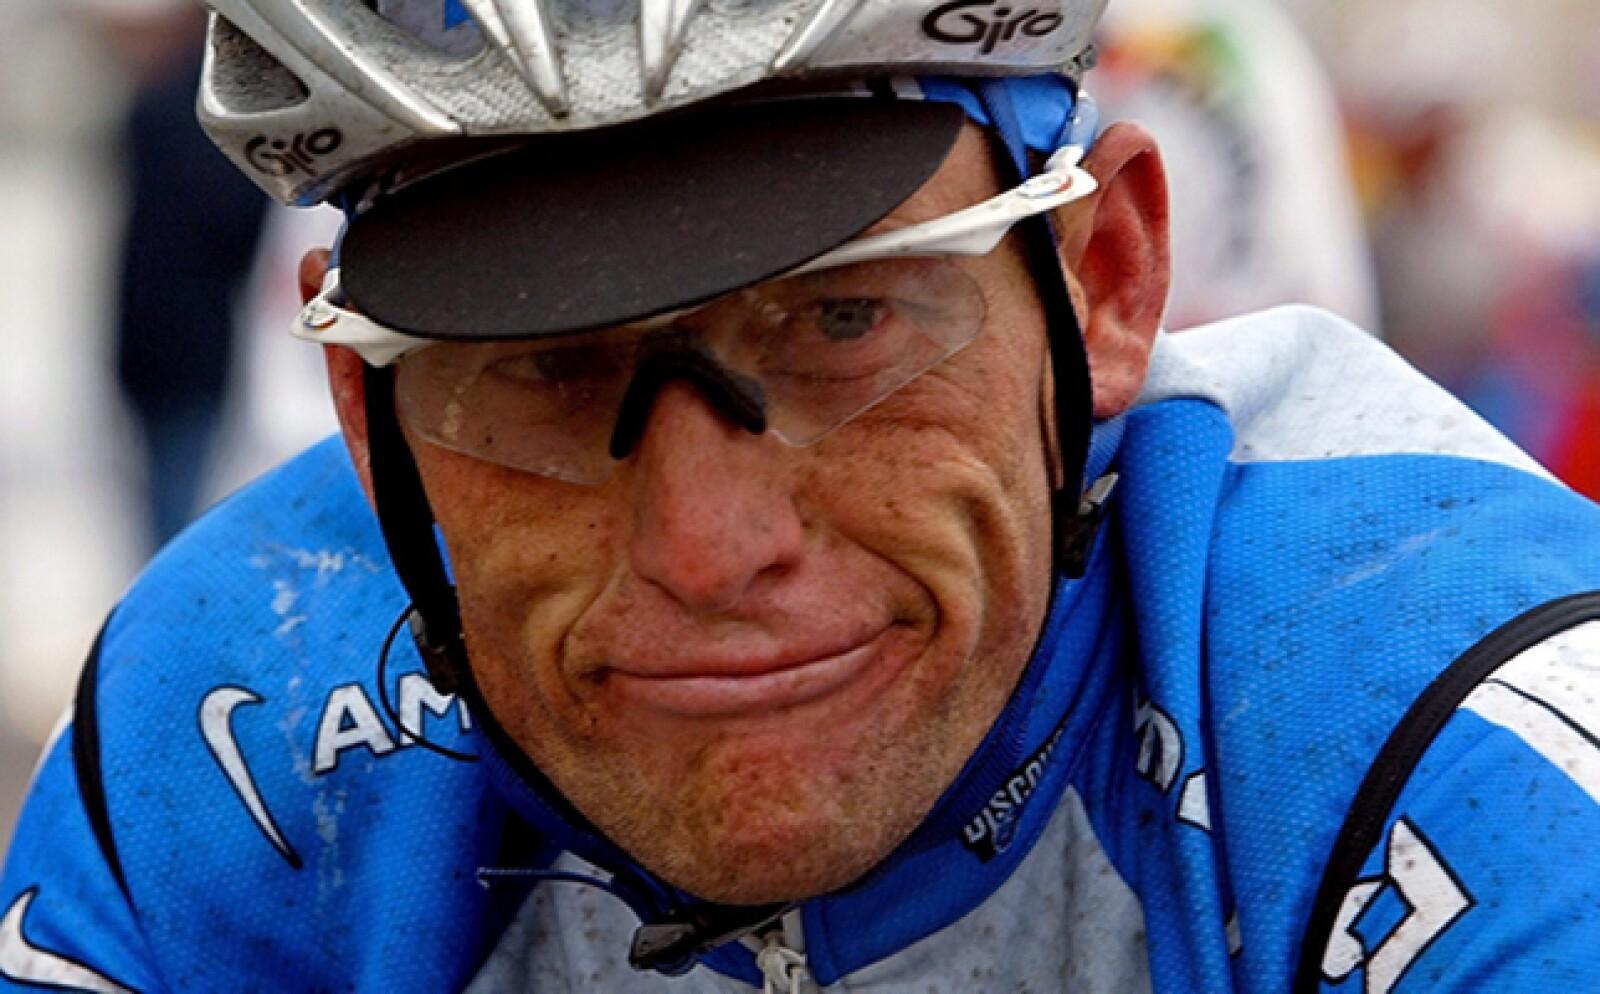 En 2012 el siete veces ganador del Tour de Francia, Lance Armstrong, perdió su contrato con Nike por un escándalo de dopaje, por lo que le quitaron sus títulos.